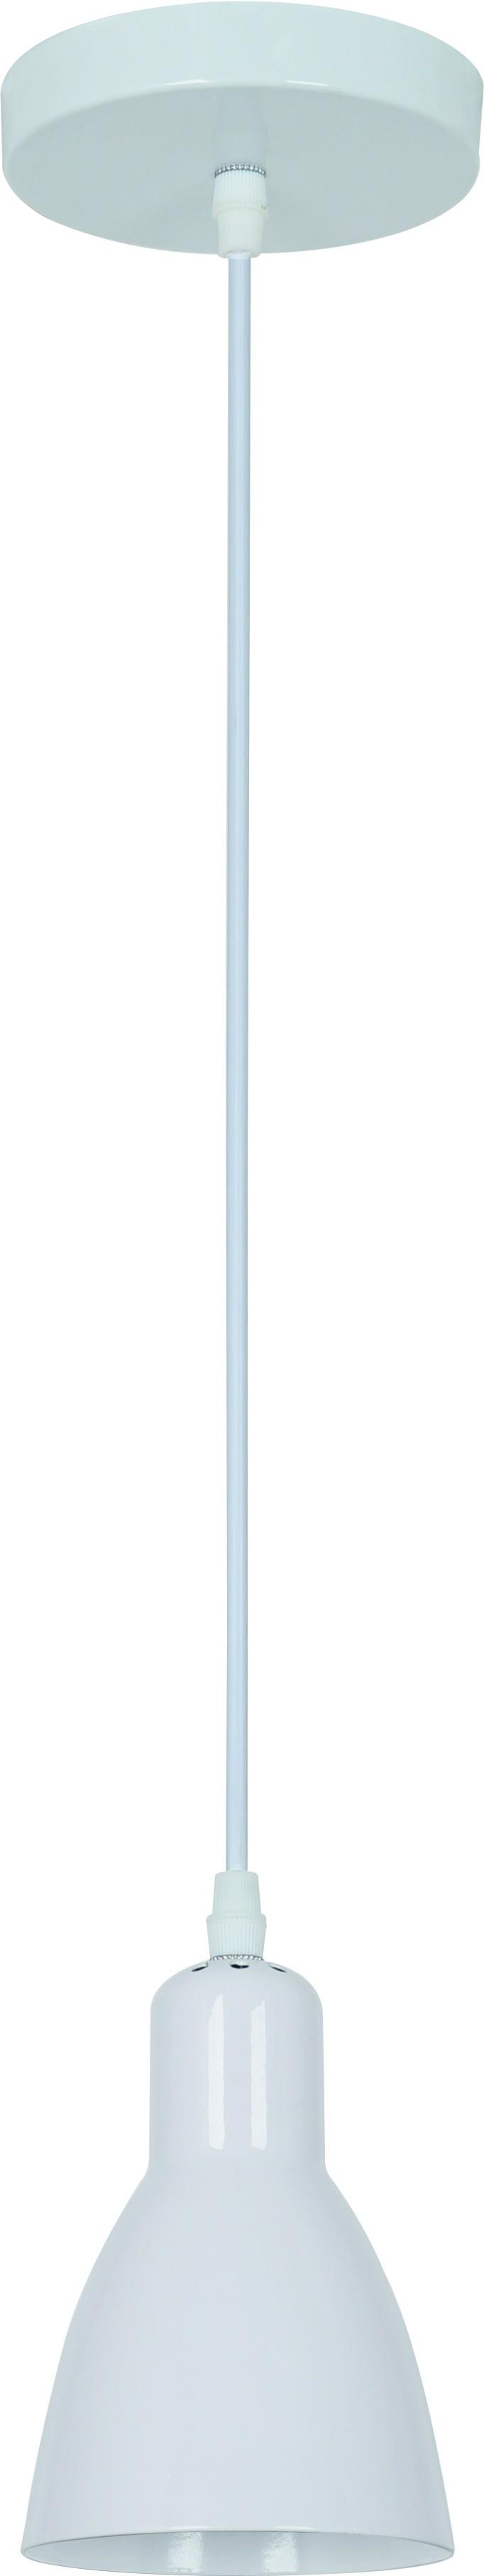 Светильник подвесной Arte lamp A5049sp-1wh